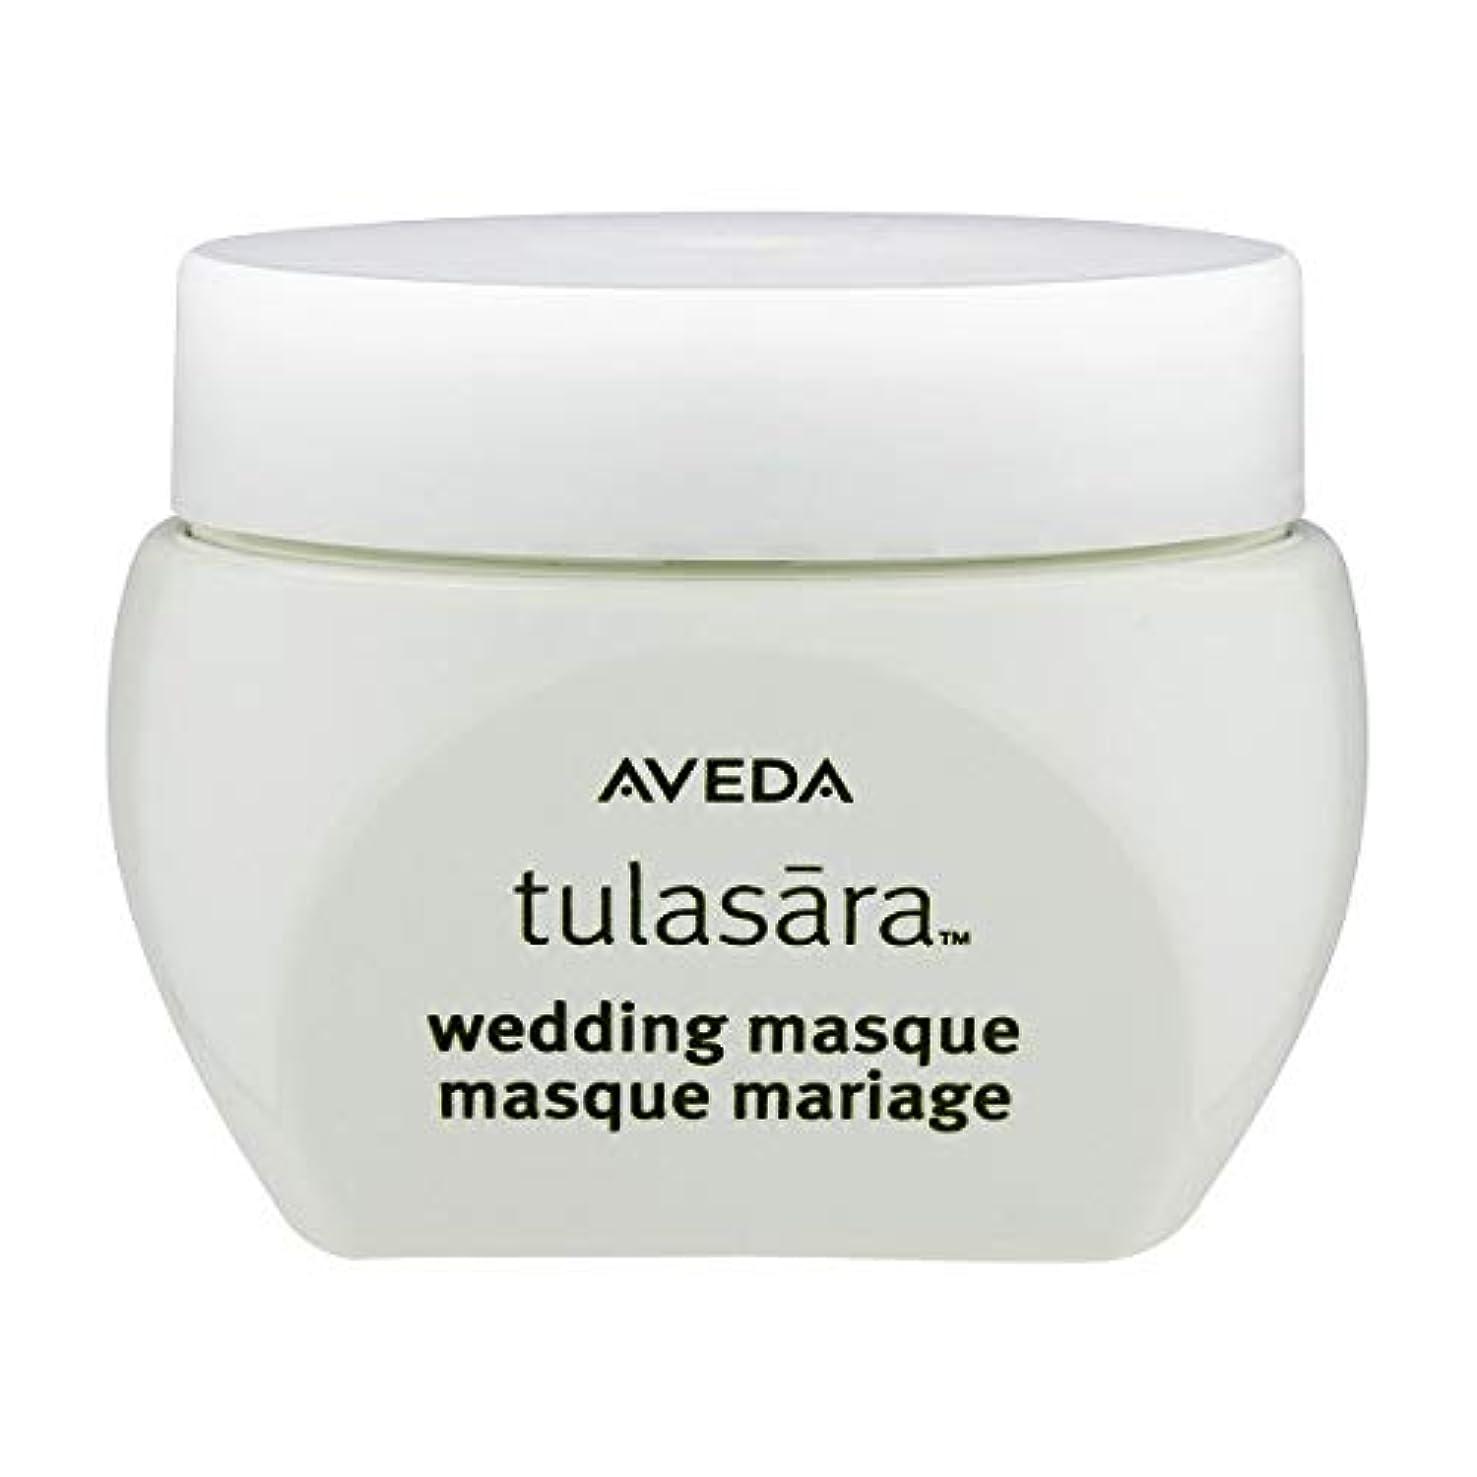 連続した期待するつかの間AVEDA / アヴェダ トゥラサラ ウエディング マスククリーム フェイス 50ml [並行輸入品]